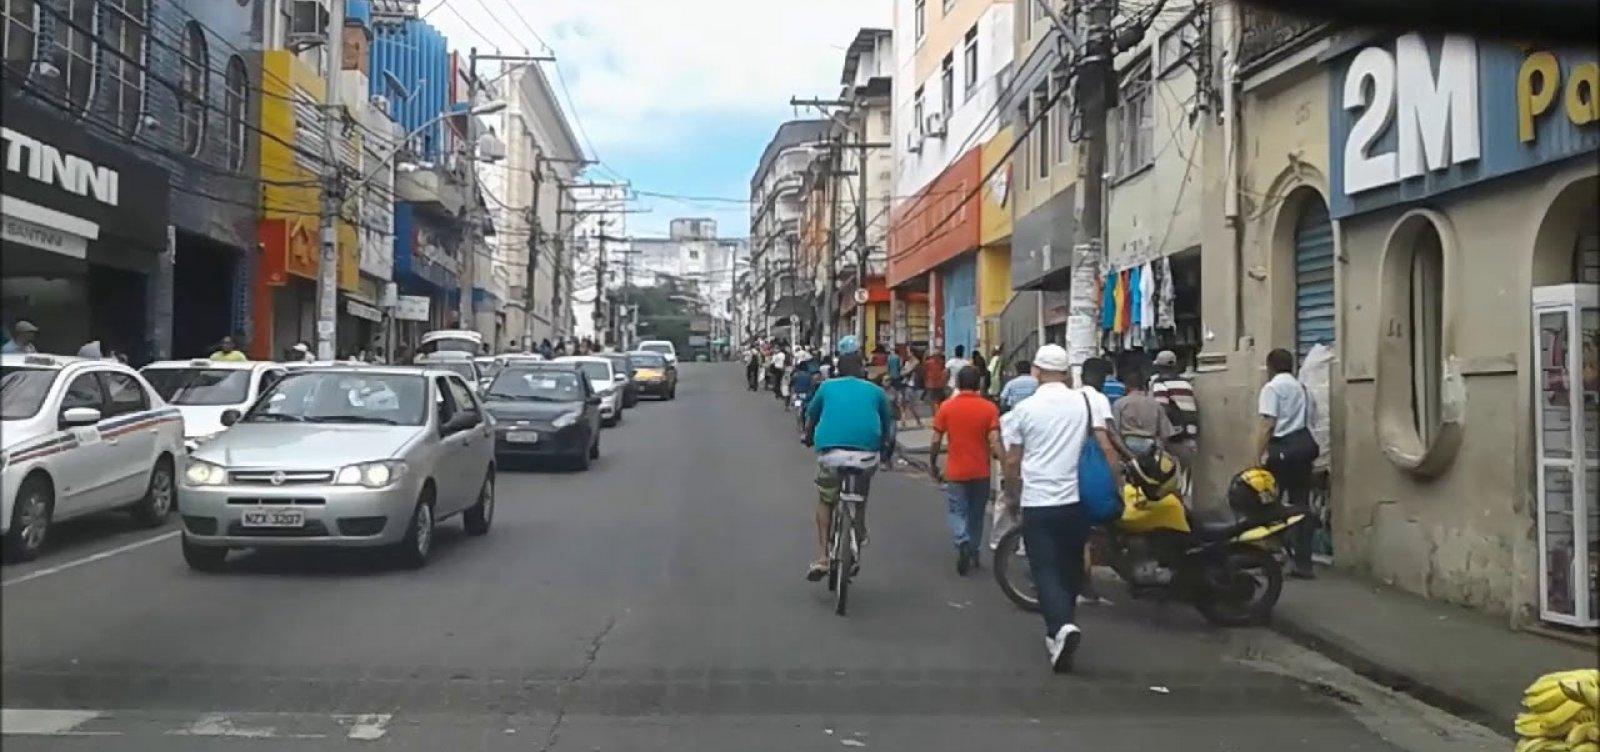 [Prefeito de Salvador anuncia restrições mais duras na Boca do Rio, Plataforma e Avenida Joana Angélica]